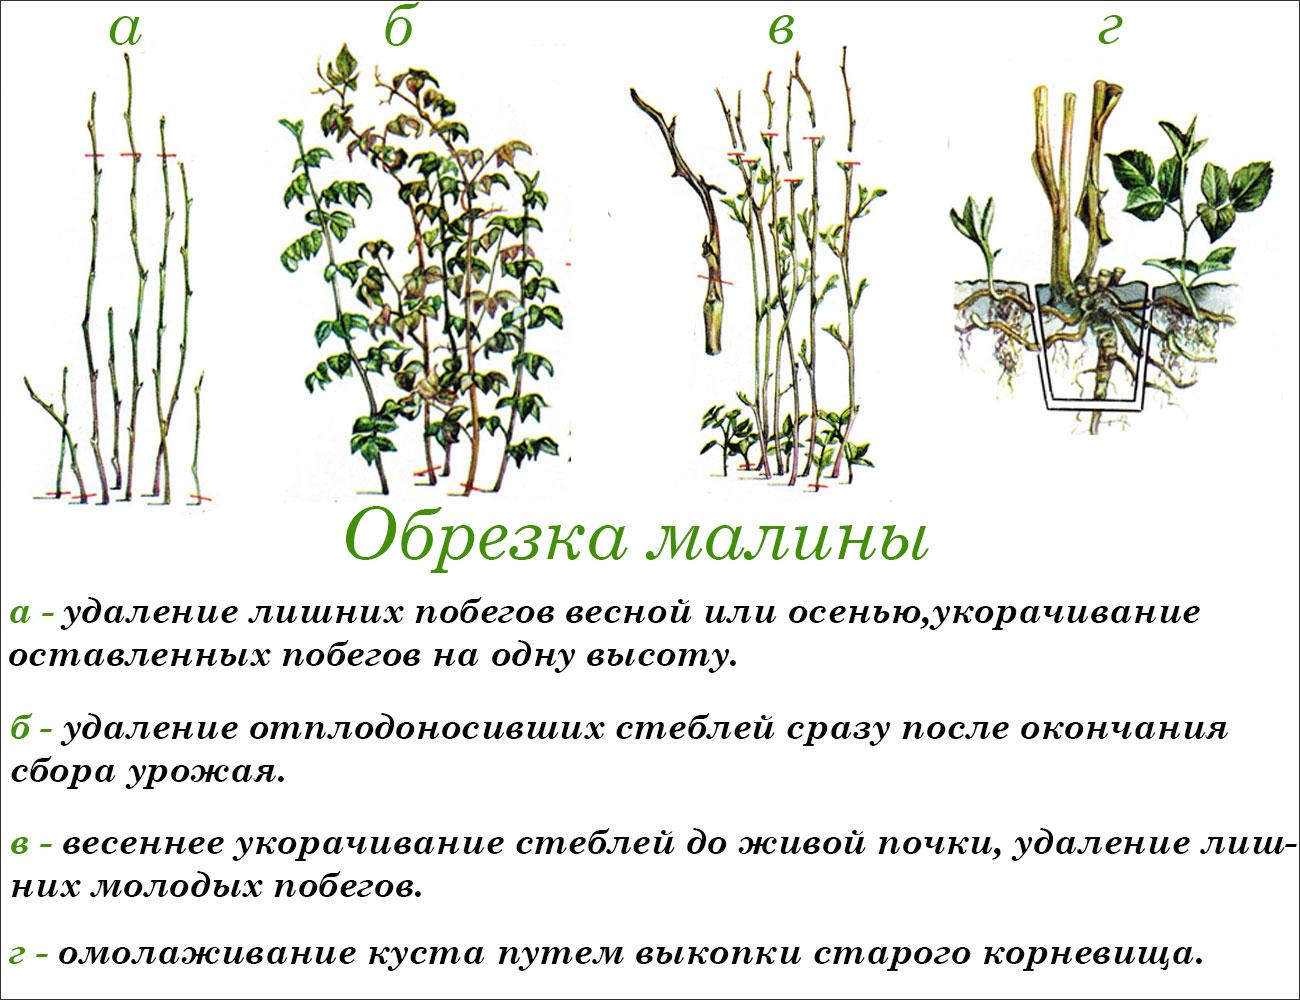 Обрезка ремонтантной малины весной и осенью